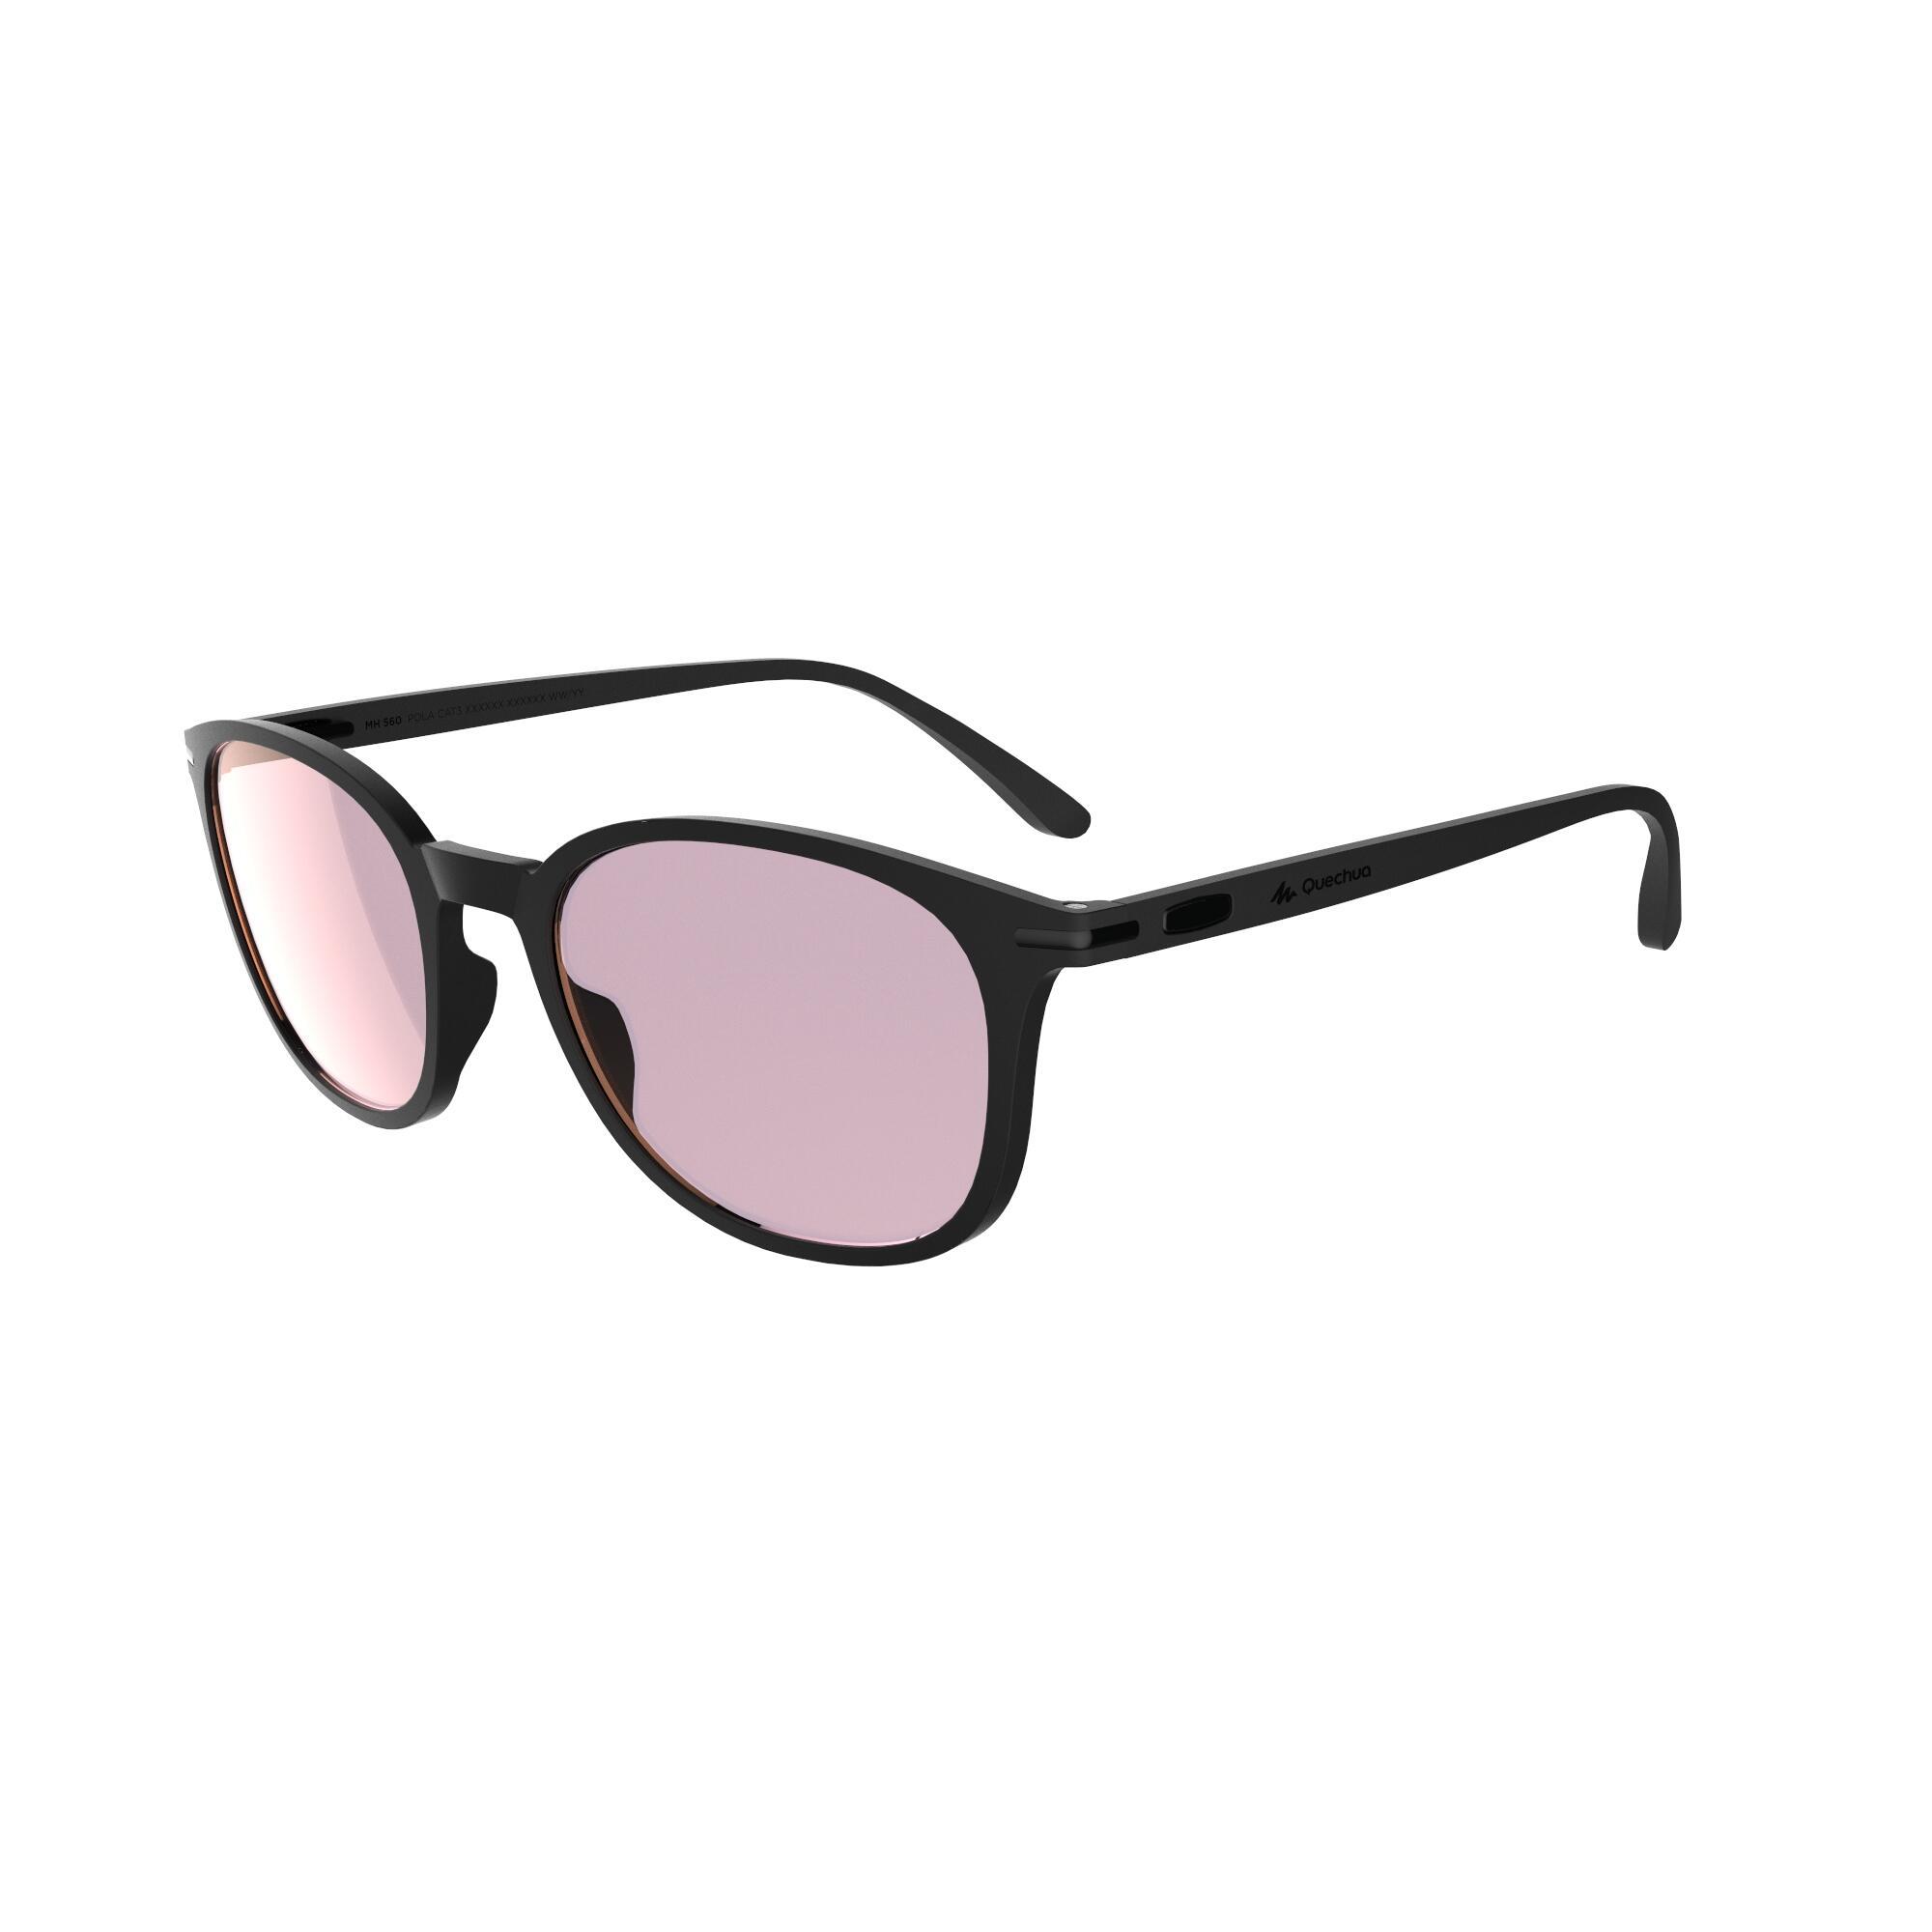 Sonnenbrille Wandern MH160 Polarisierend Erwachsene Kategorie 3 schwarz | Accessoires > Sonnenbrillen > Sonstige Sonnenbrillen | Quechua